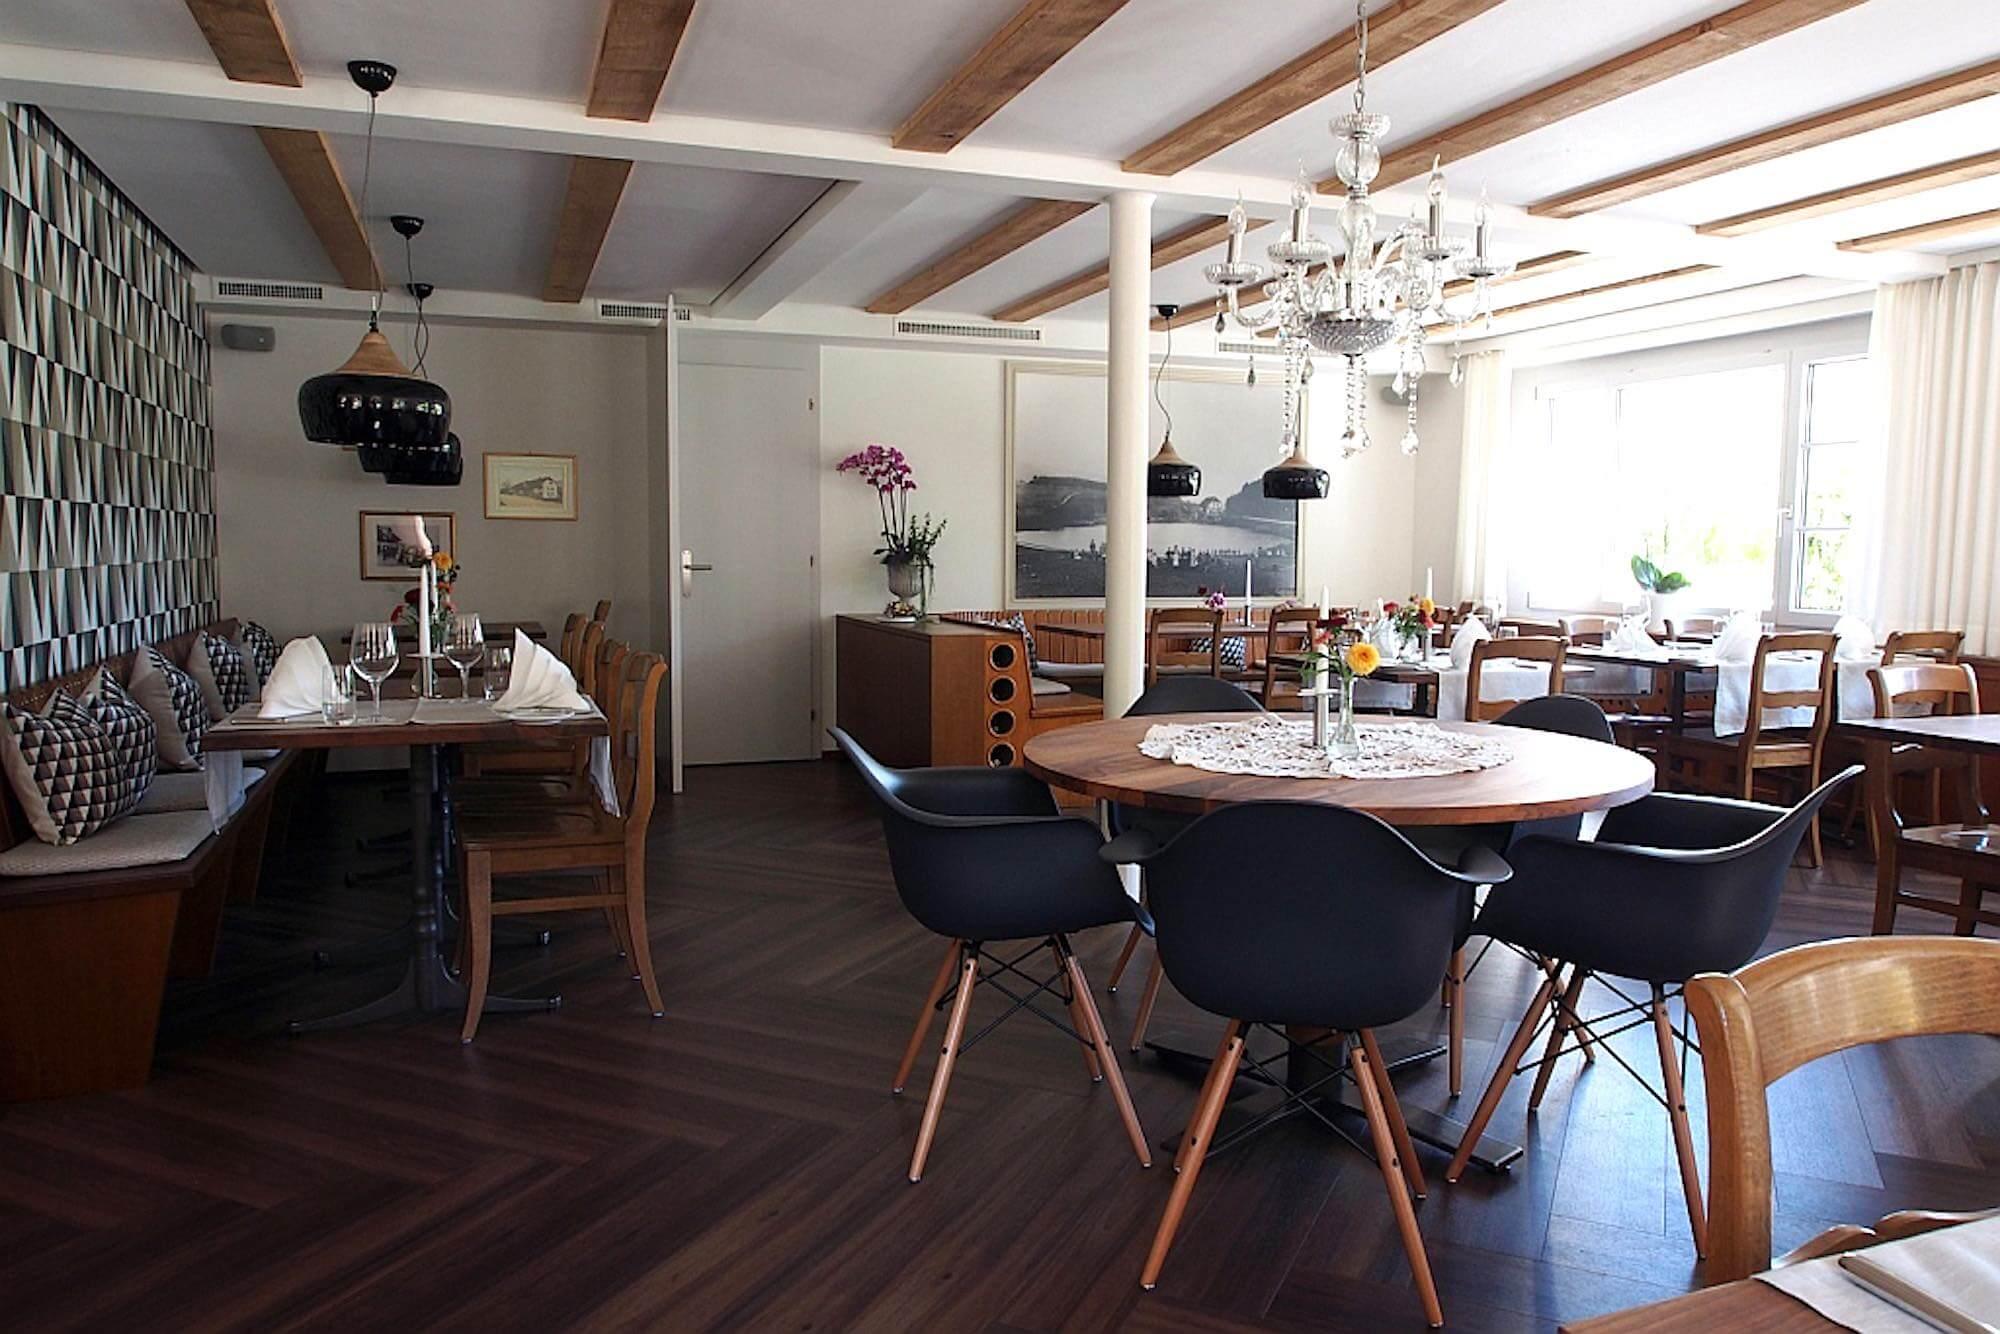 Akustikdecke für bessere Raumakustik in einem Restaurant, Viktor Wyss AG in Flumenthal, Solothurn